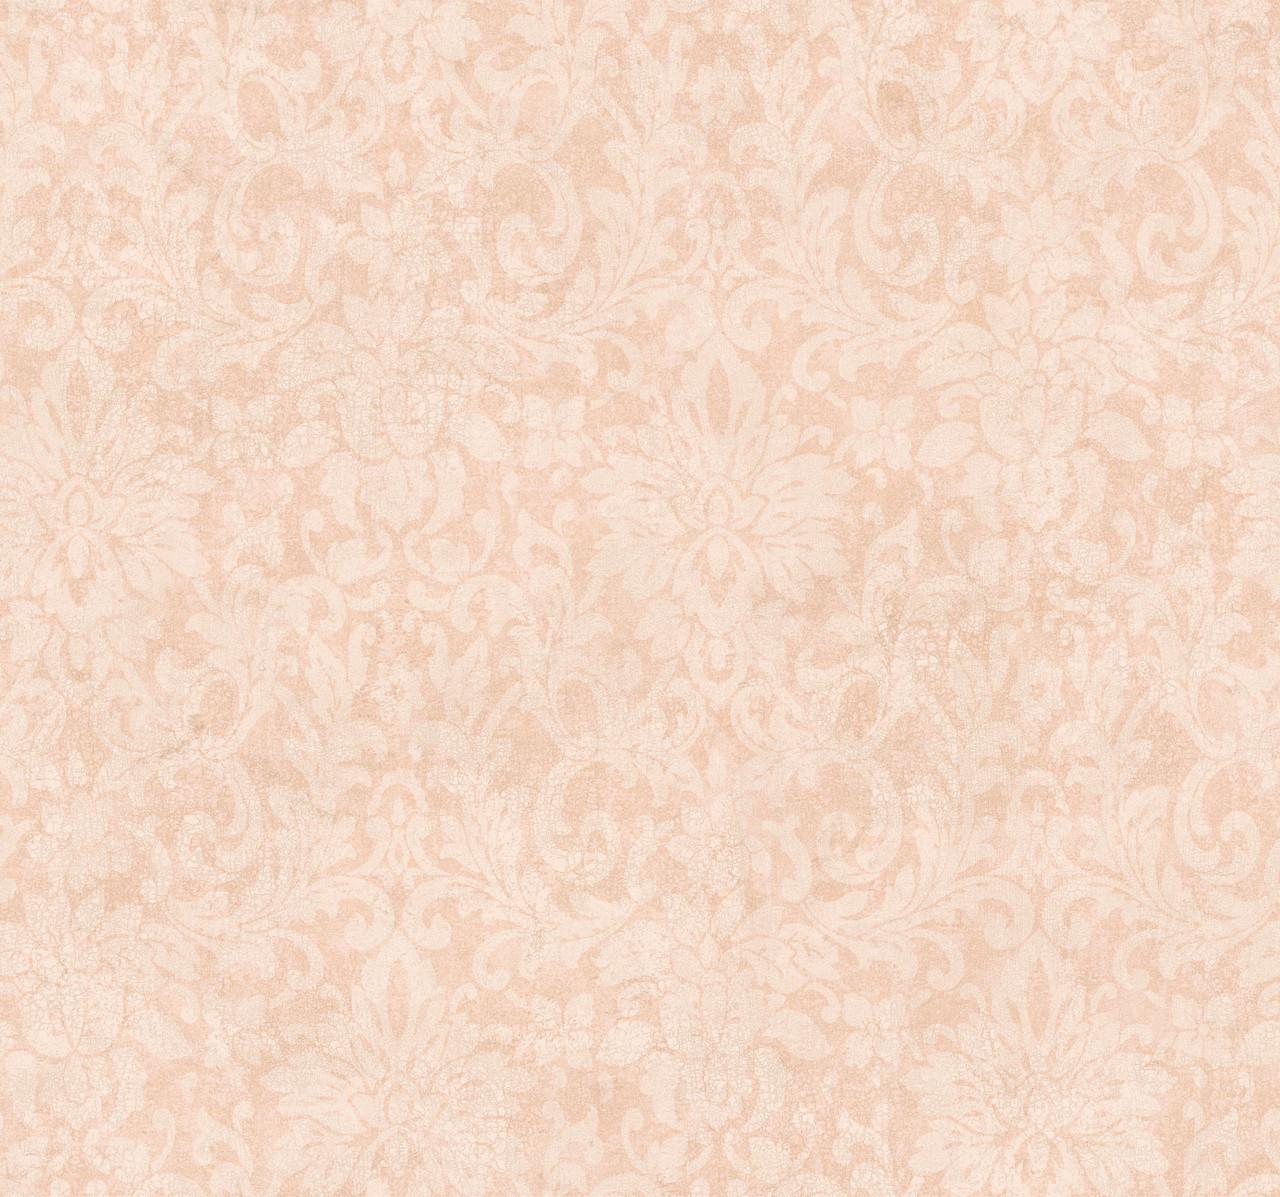 Handpainted Iii Hp0344 Iii Iii Iiieiii Floral Damask Wallpaper